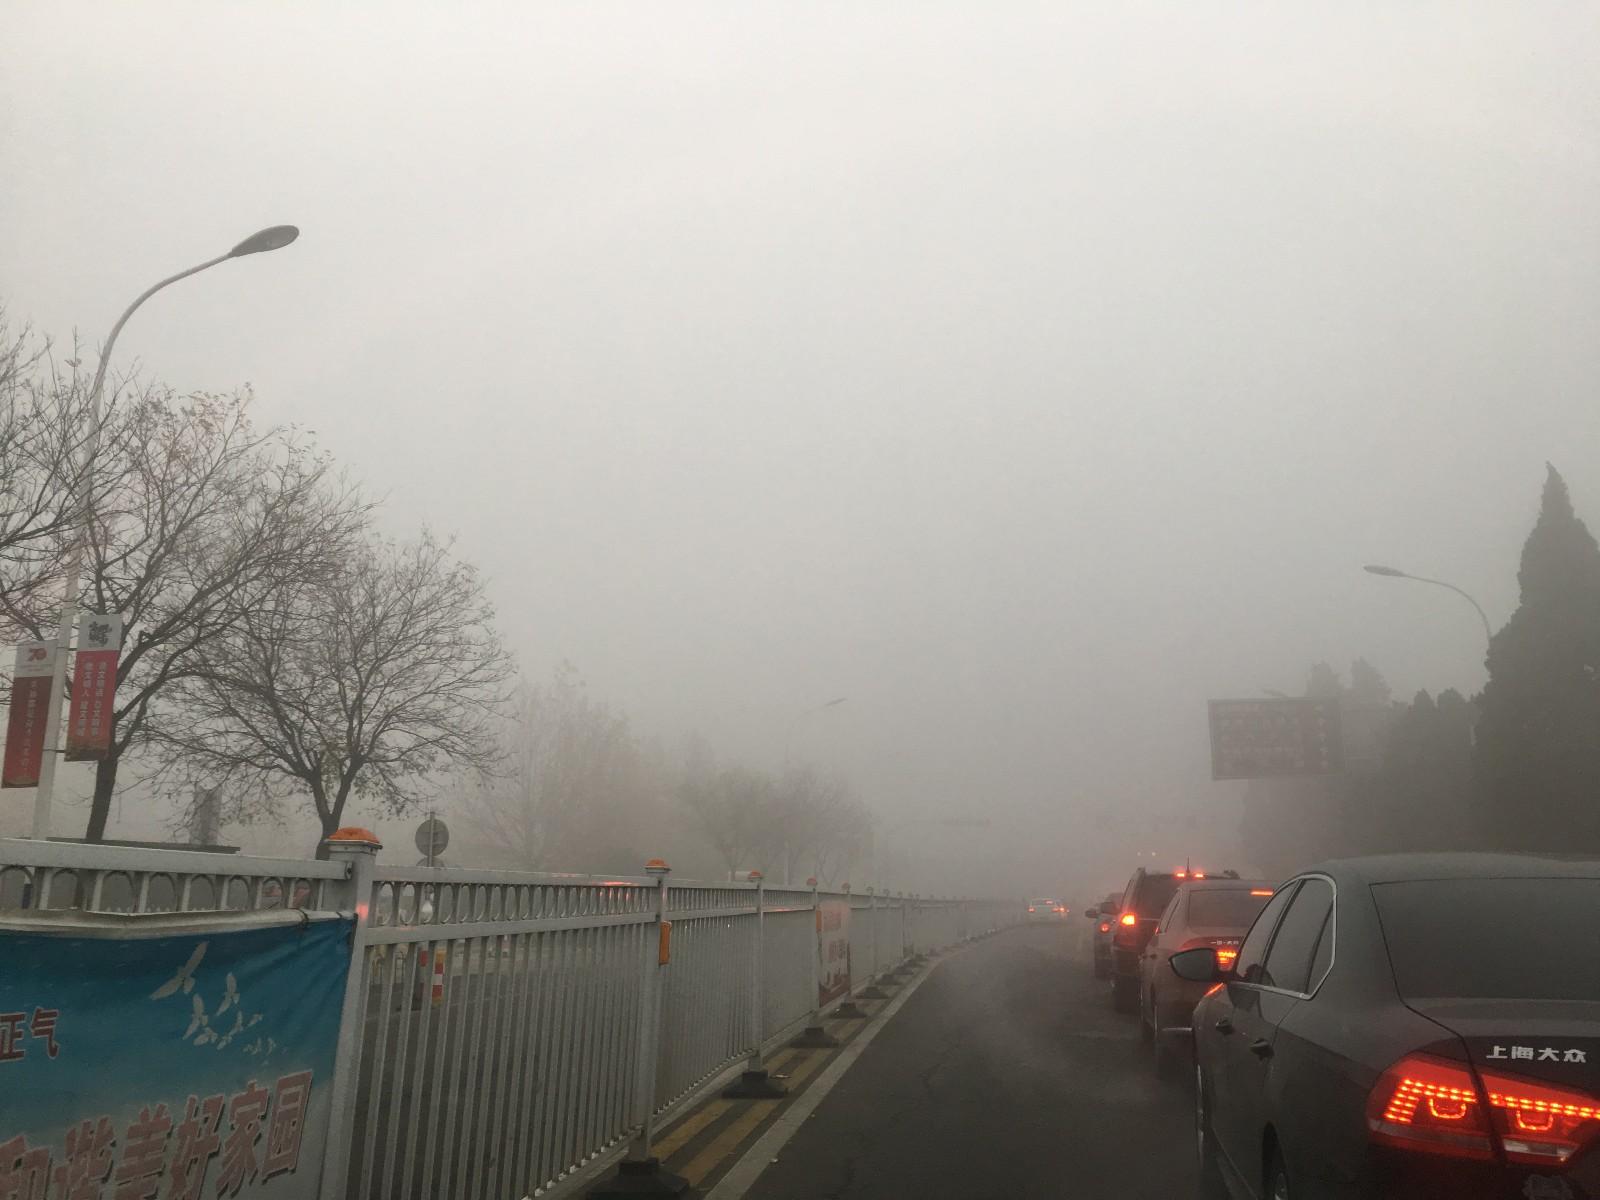 海丽气象吧|预警降级!山东将大雾红色预警降为黄色 大部地区仍有雾